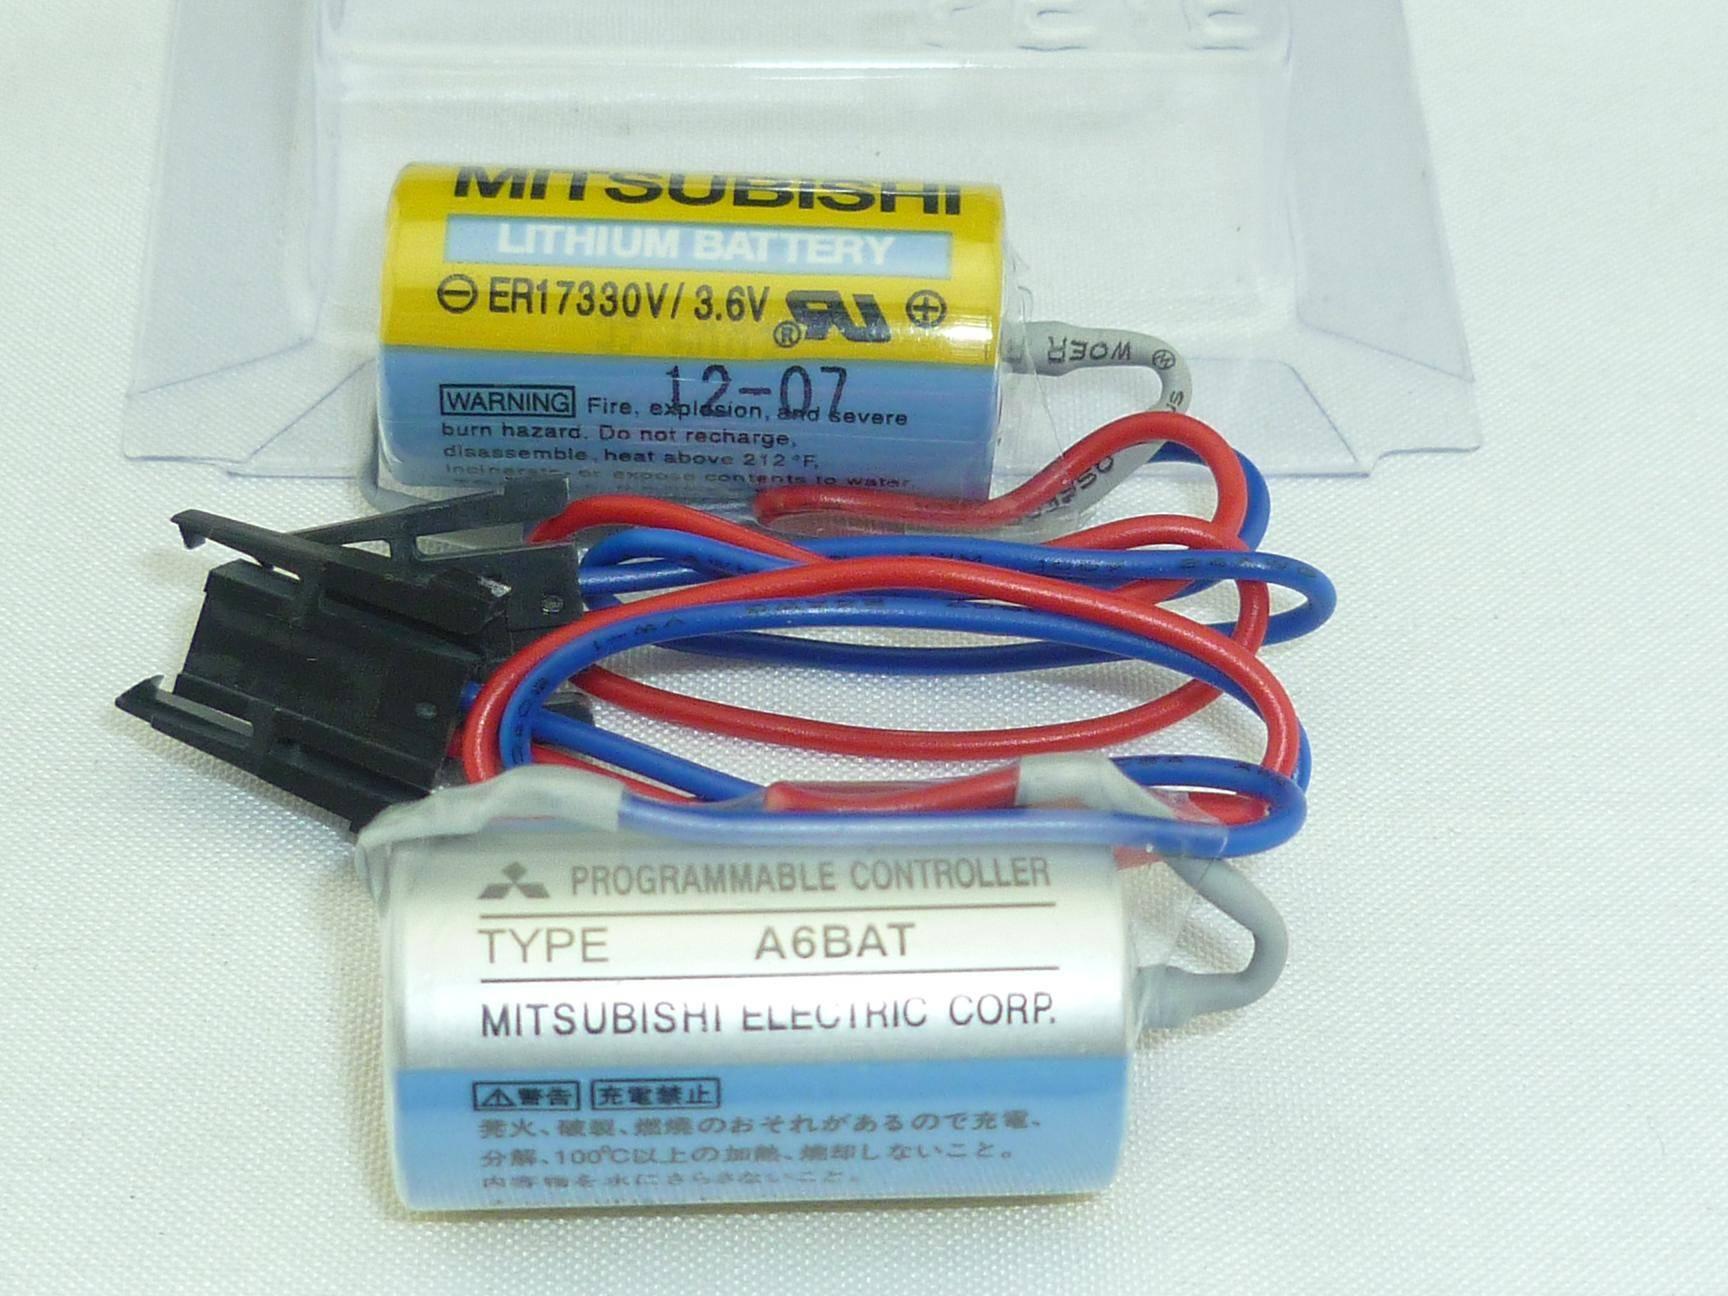 Lithium Battery ER17330V/3.6V A6BAT(Mitsubishi)